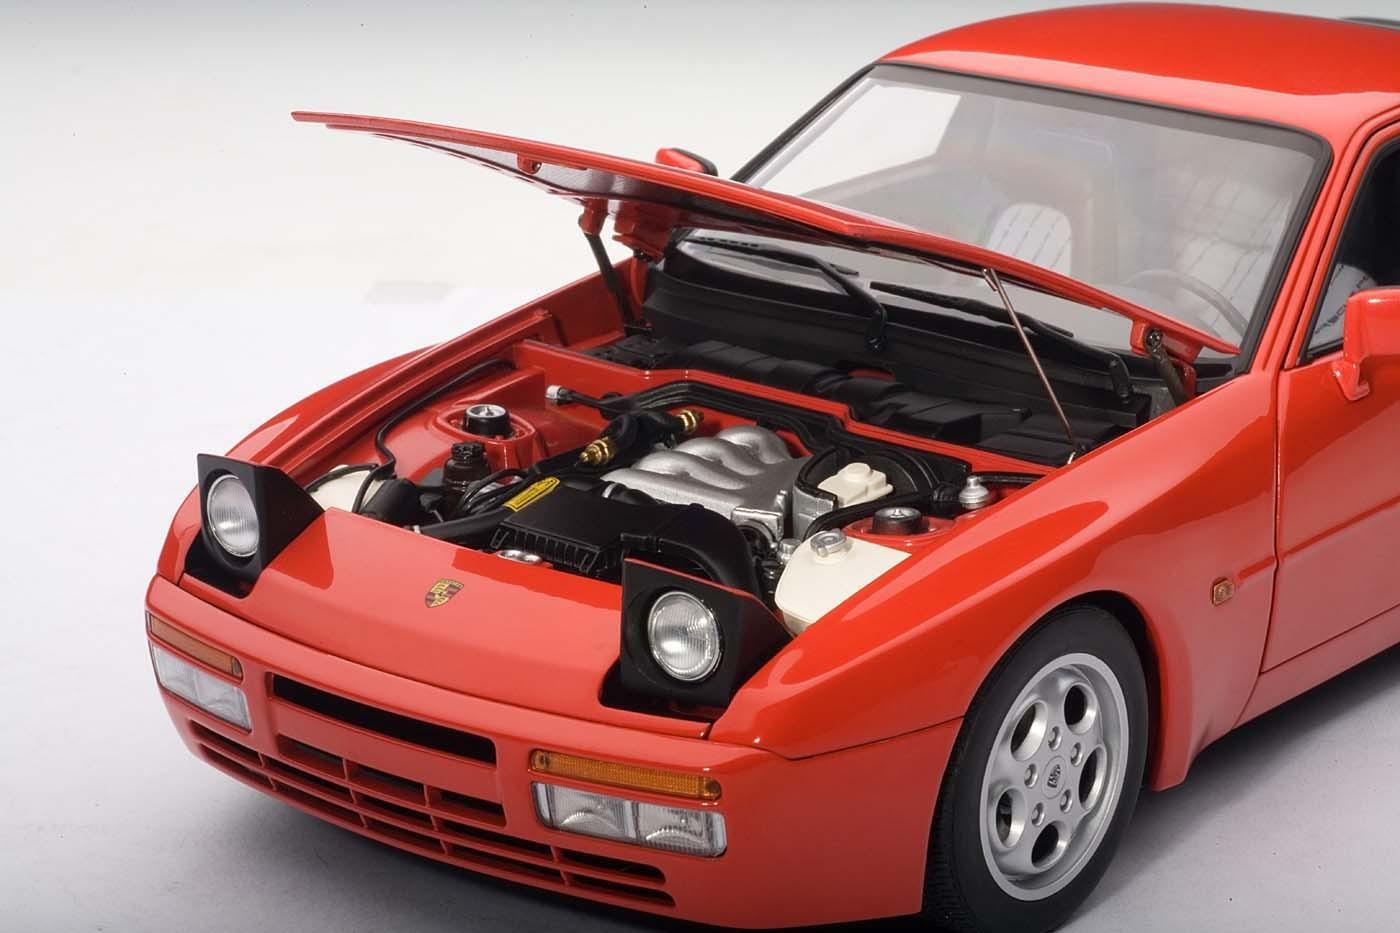 Porsche 944 Turbo Coupe Weiss 1981-1991 77958 1//18 AutoArt Modell Auto mit oder